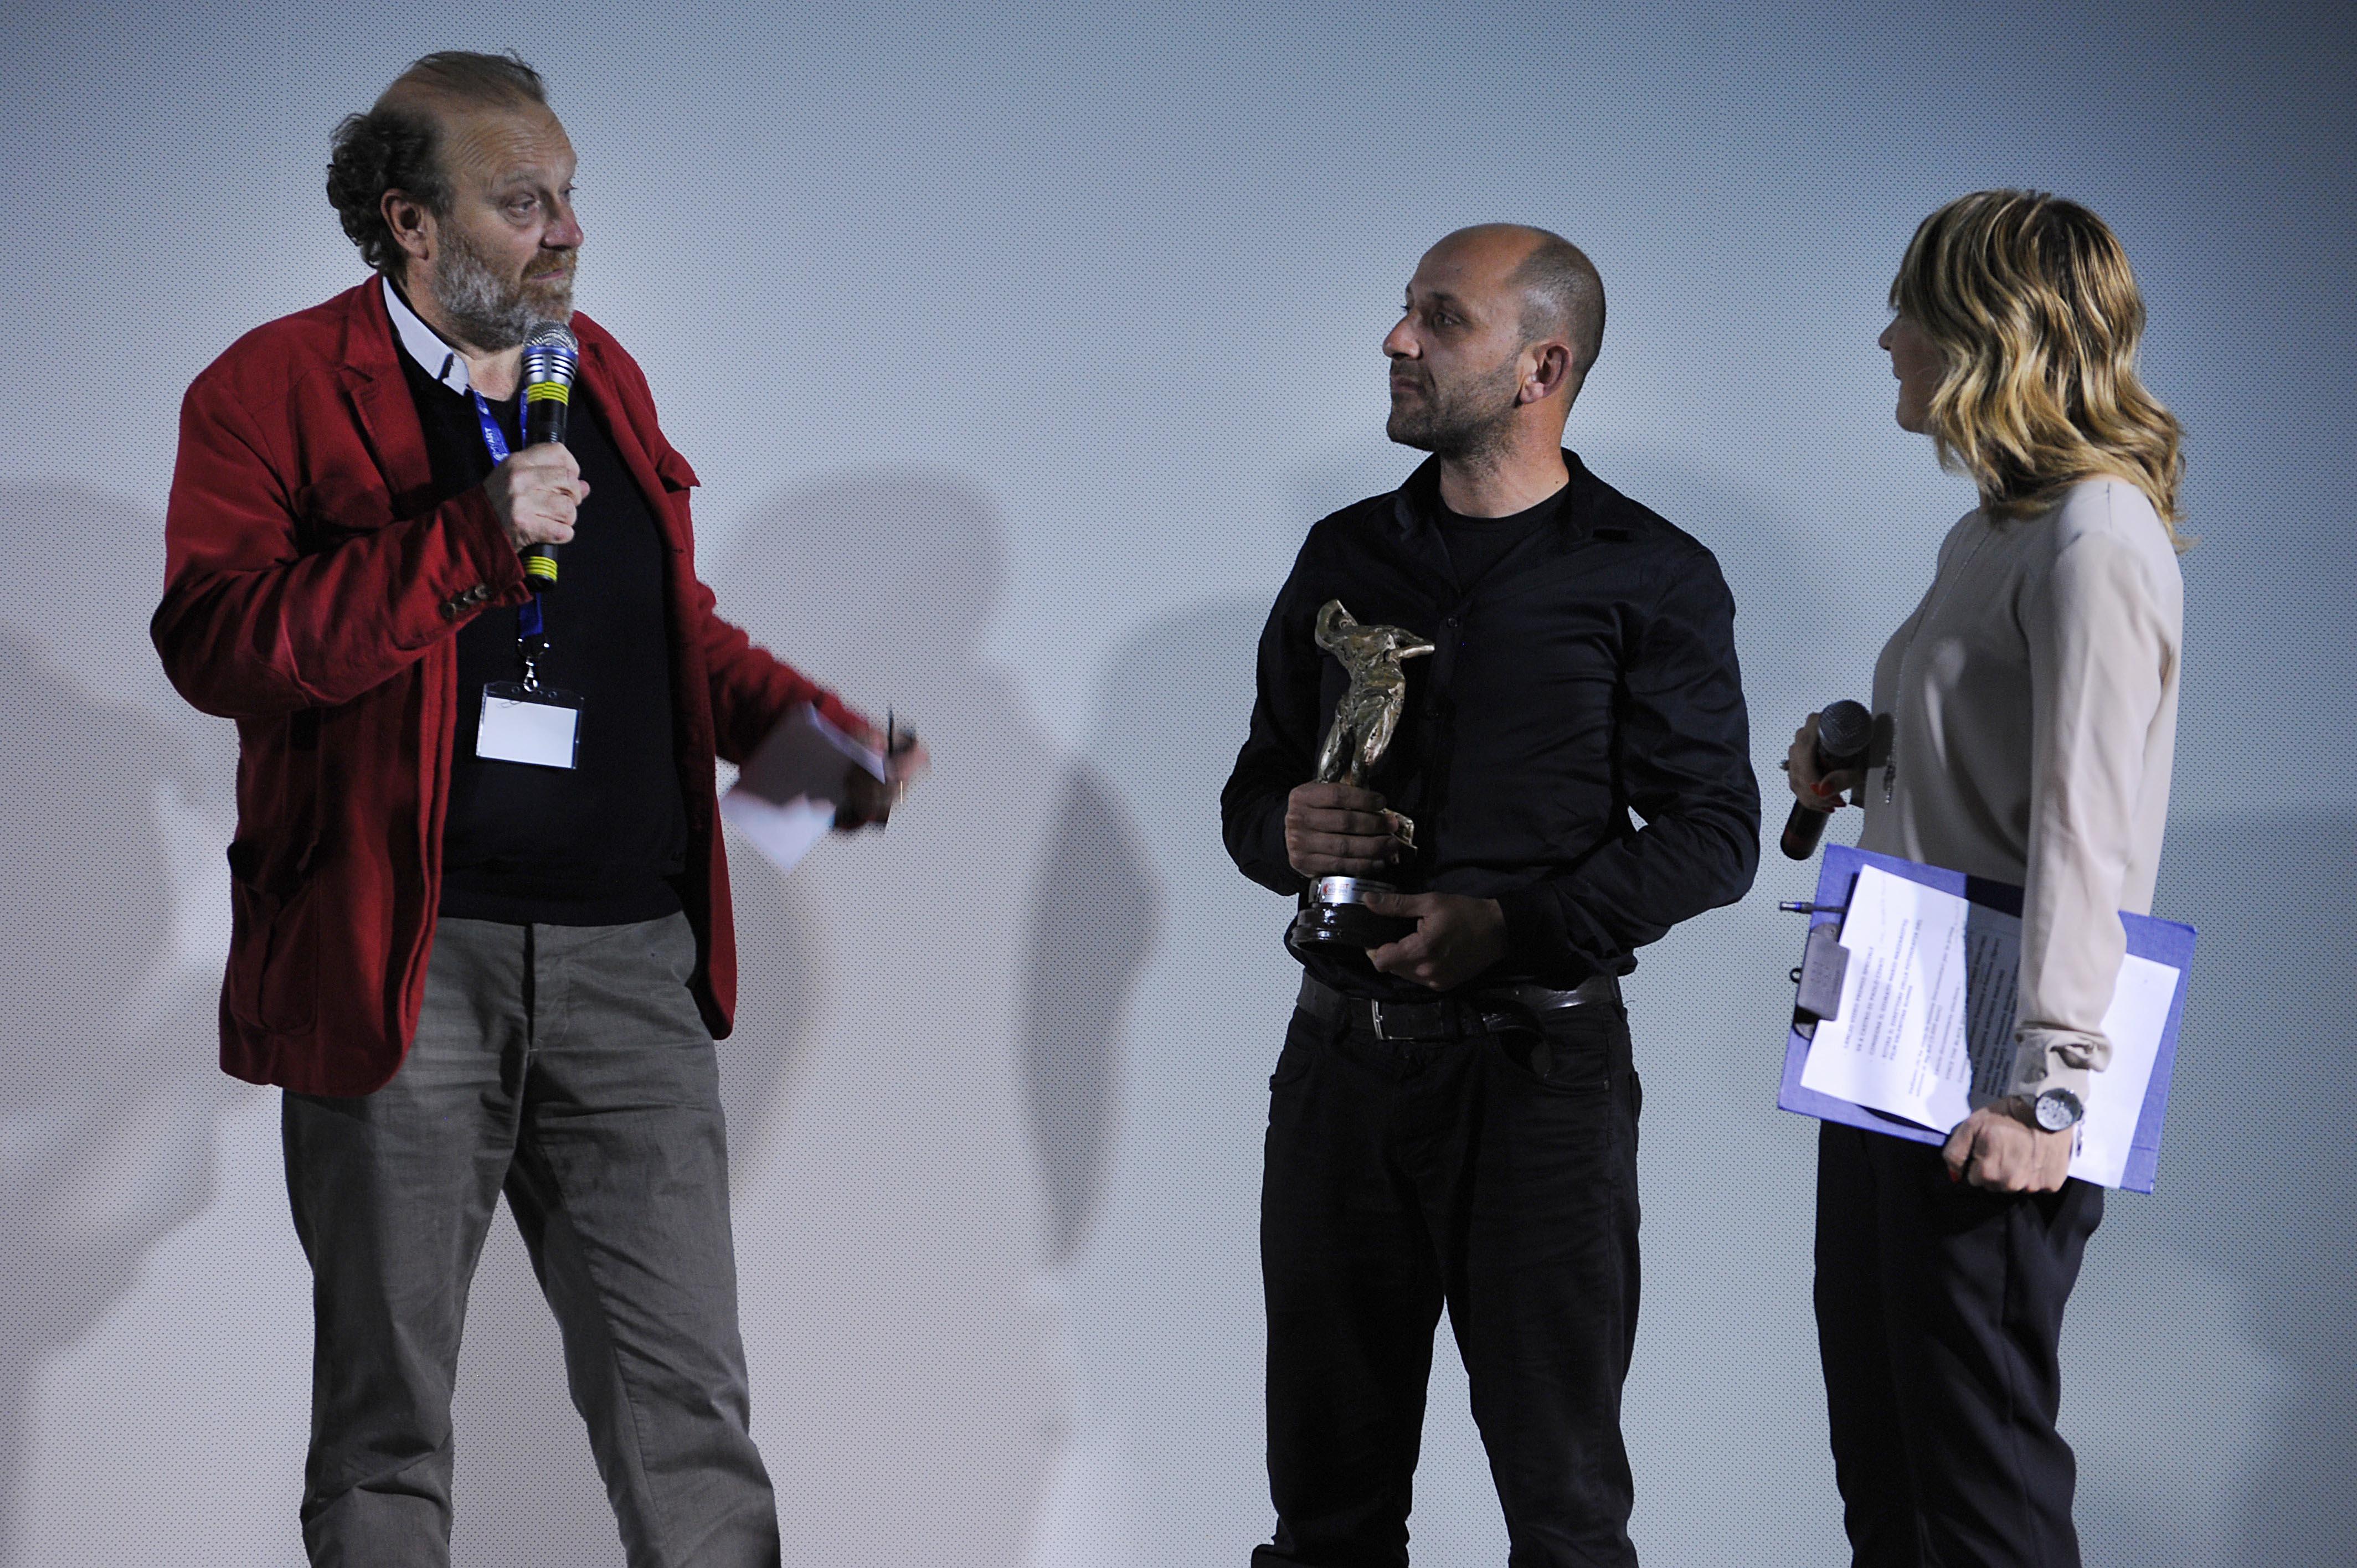 Gianfranco-Pannone-Antonio-Martino-Raffaella-Salamina